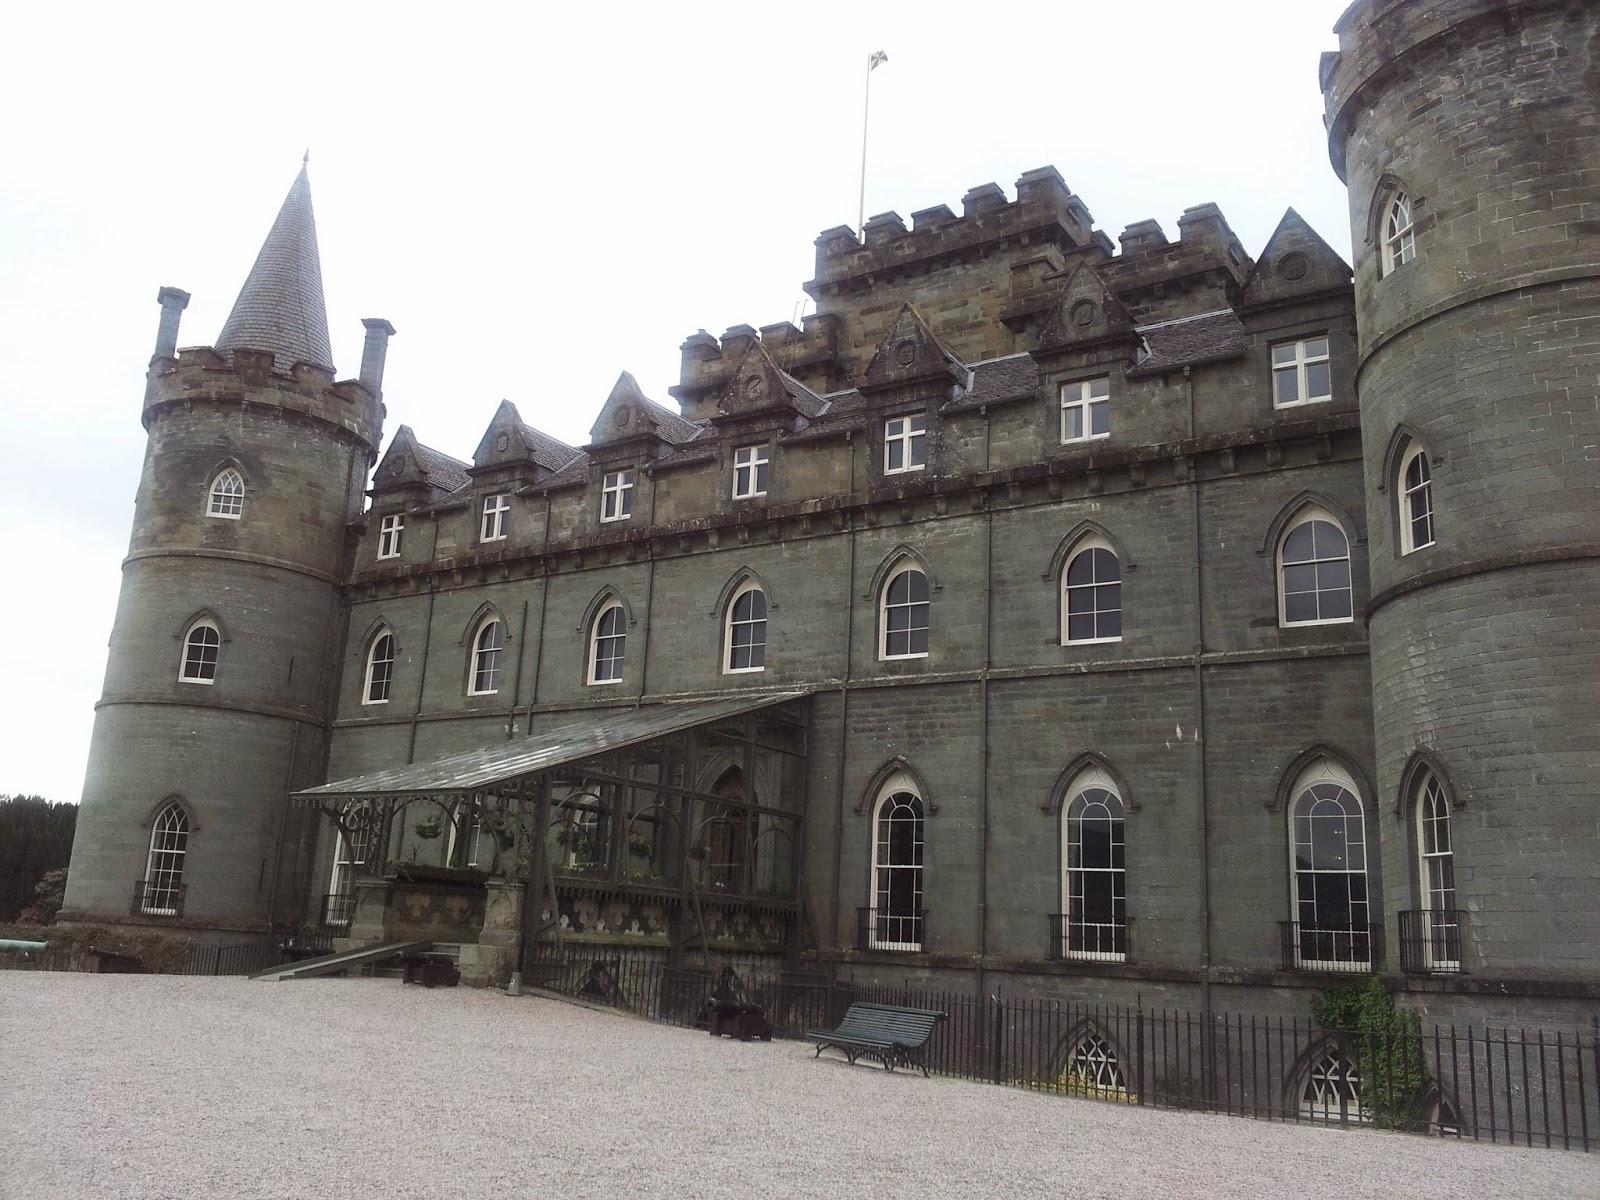 Inverary castle, Scotland